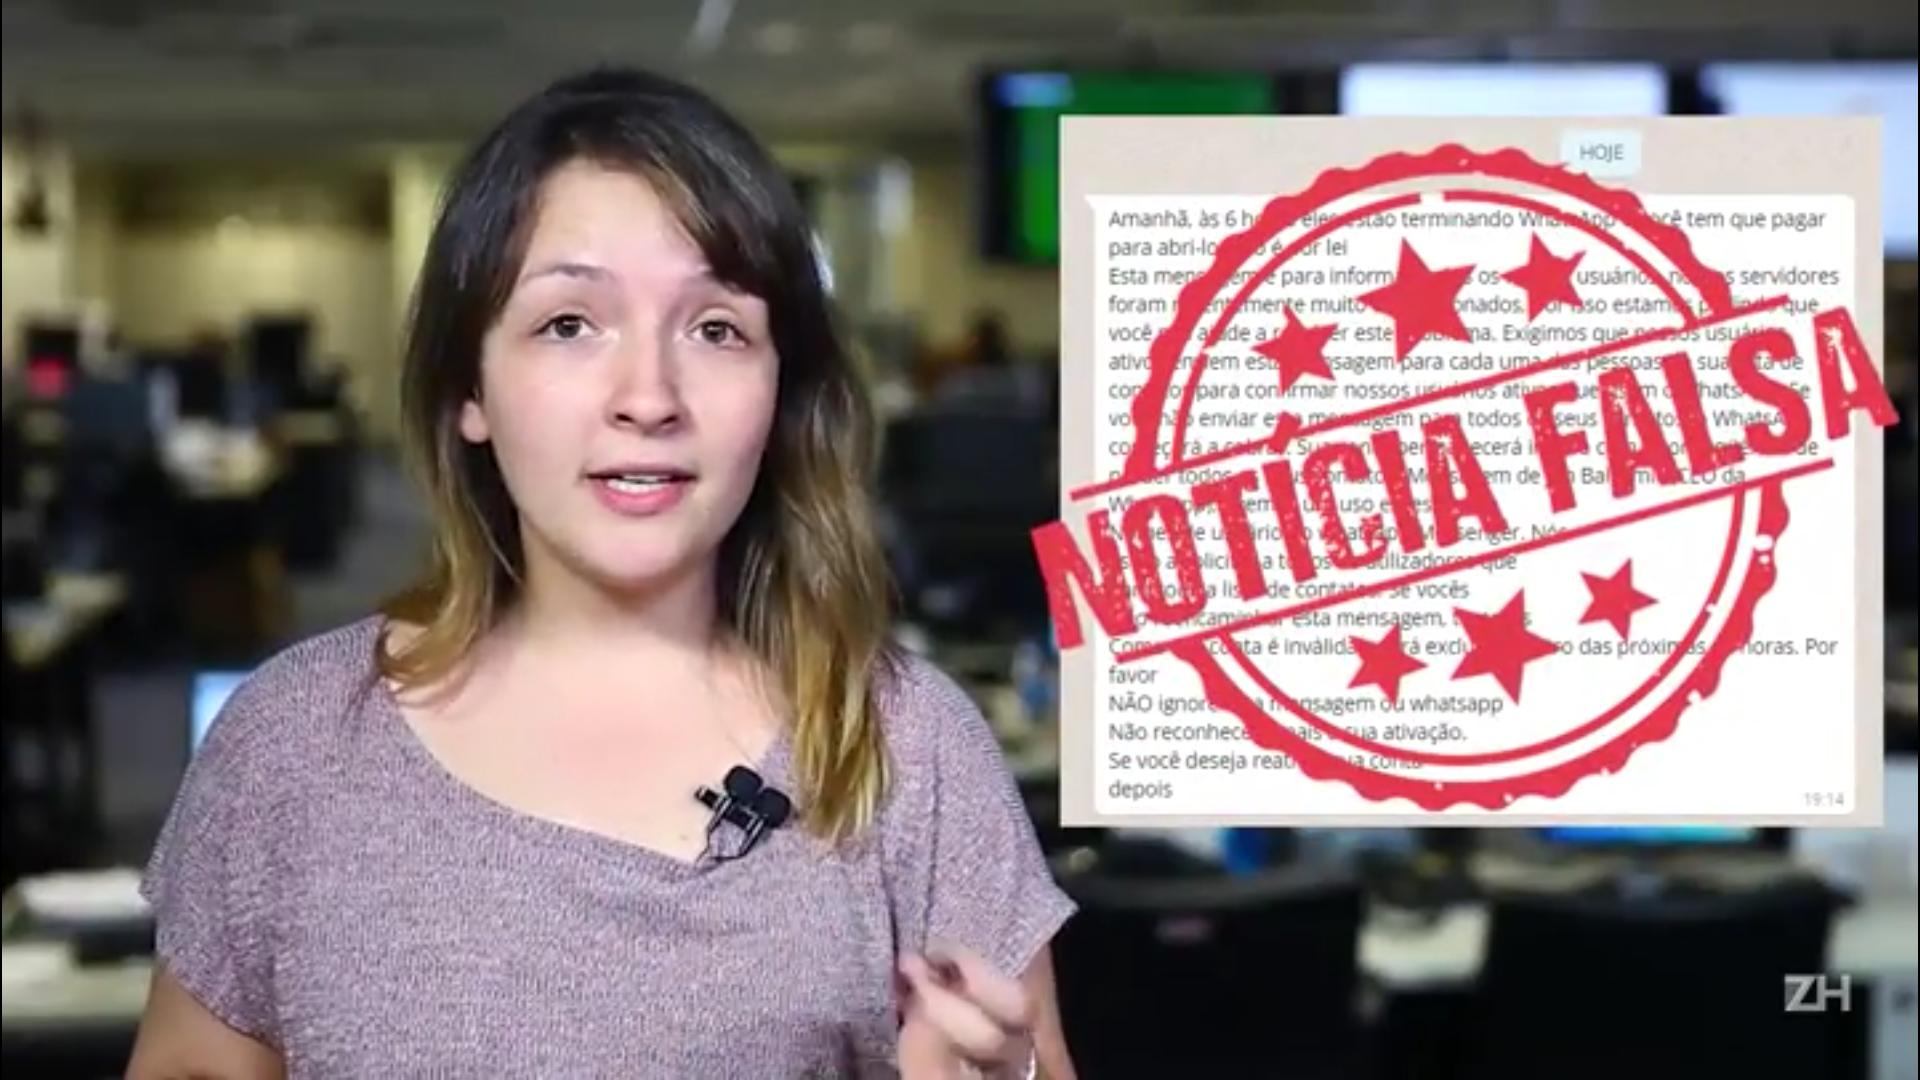 Notícia Falsa na Rede: cobrança do WhatsApp é boato